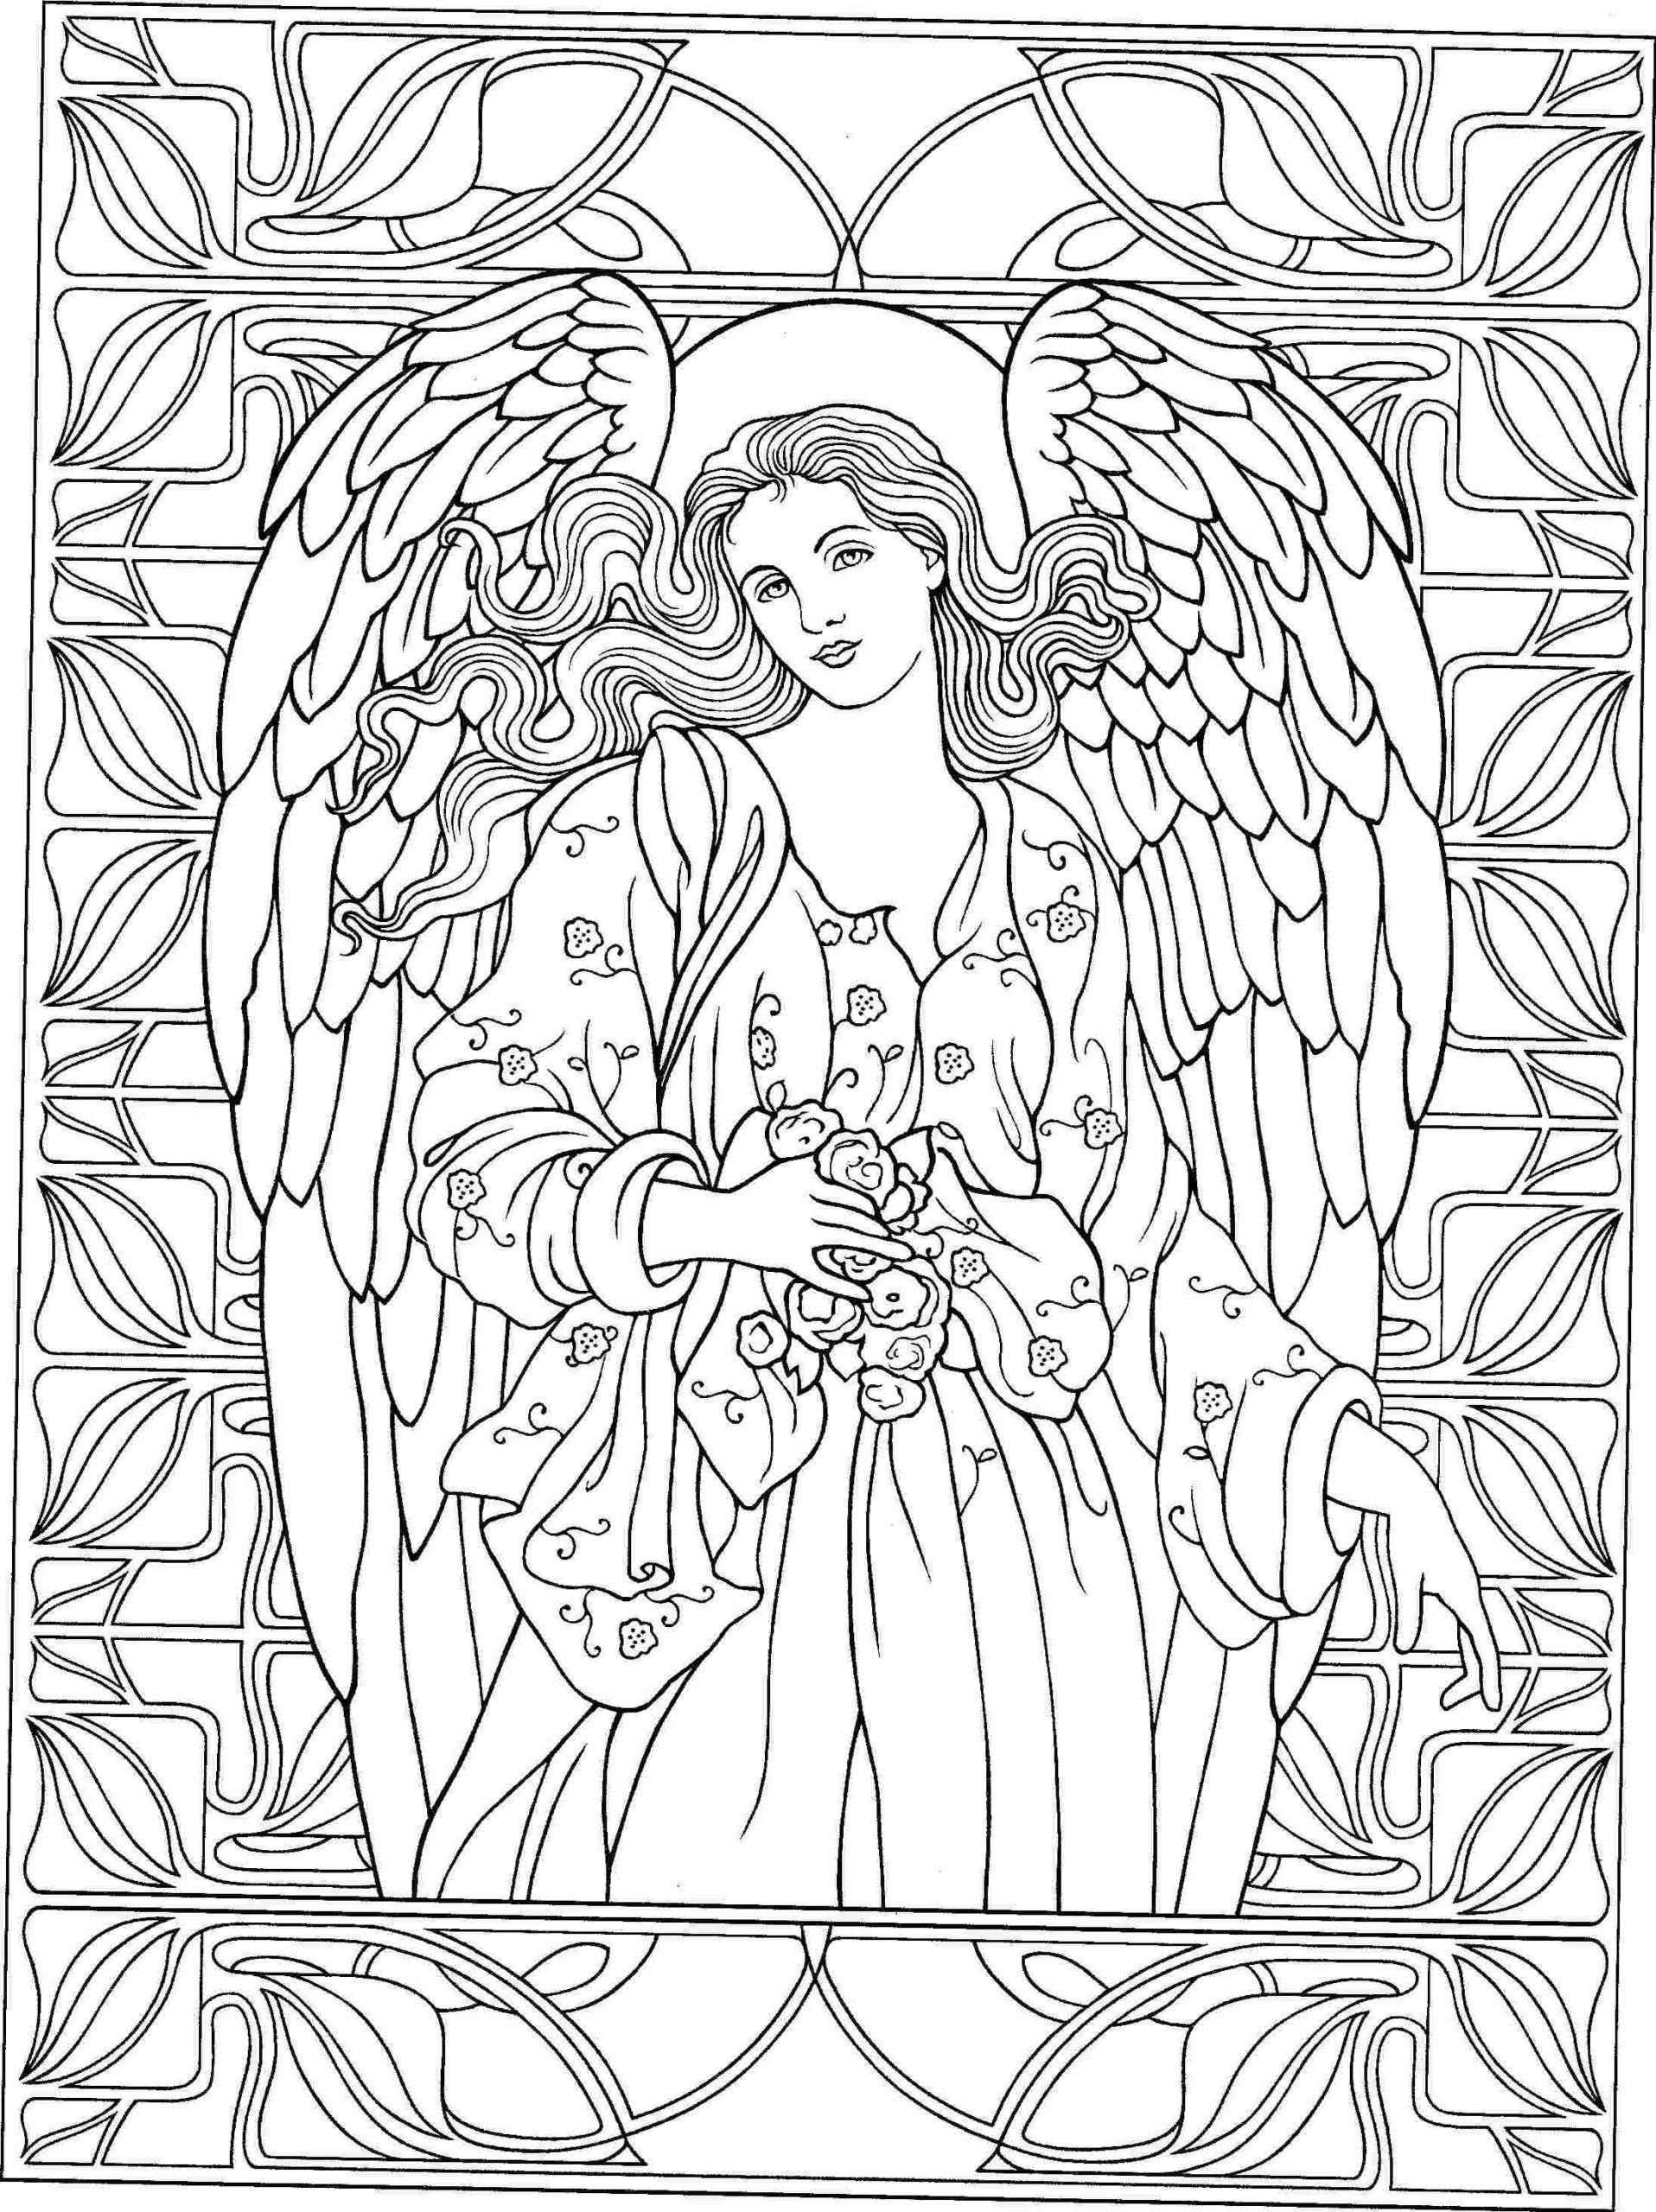 Engel Malbücher für Erwachsene Malvorlagen Engel